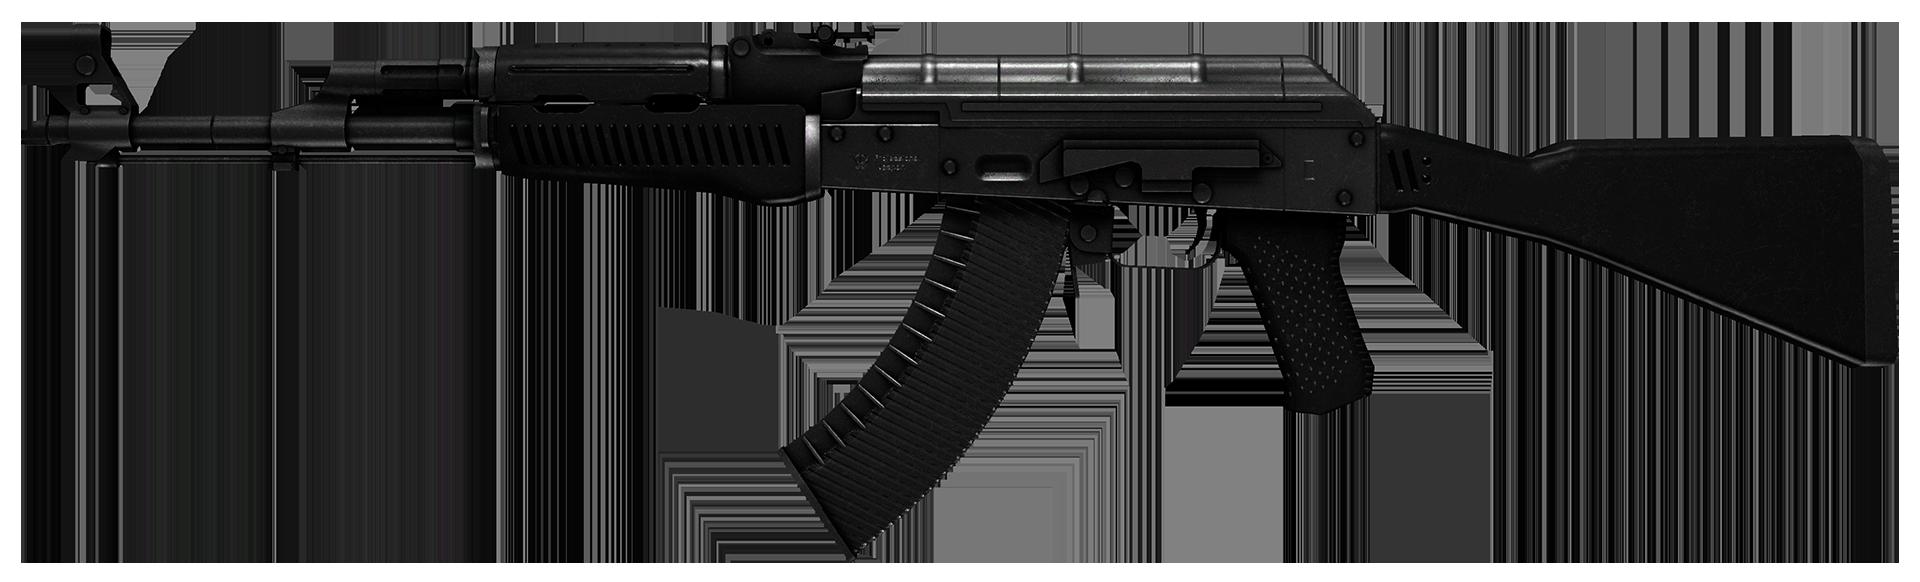 AK-47 Slate Large Rendering